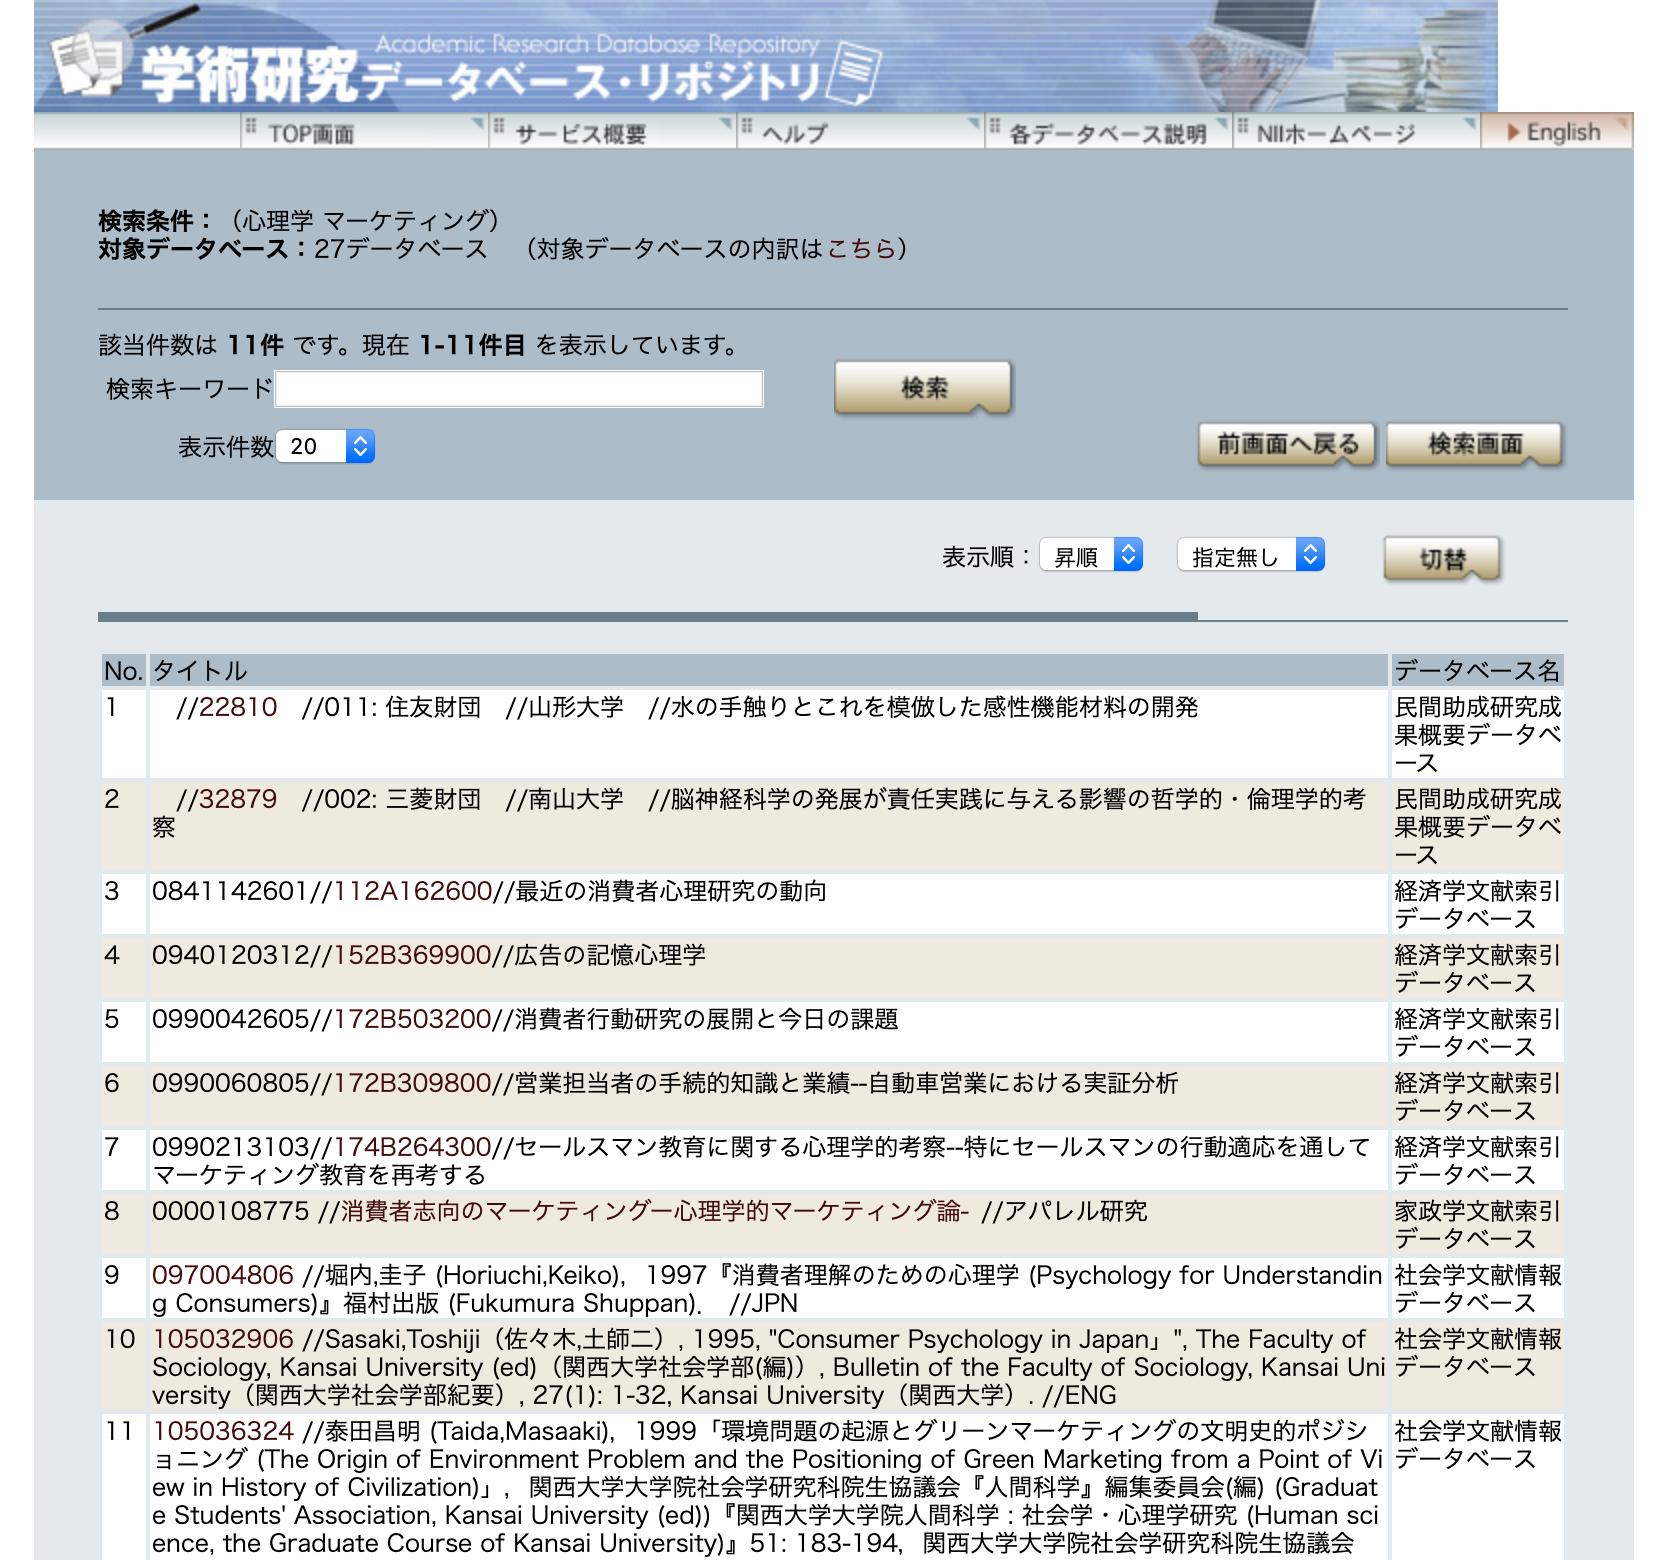 学術研究データベースレポジトリの検索結果